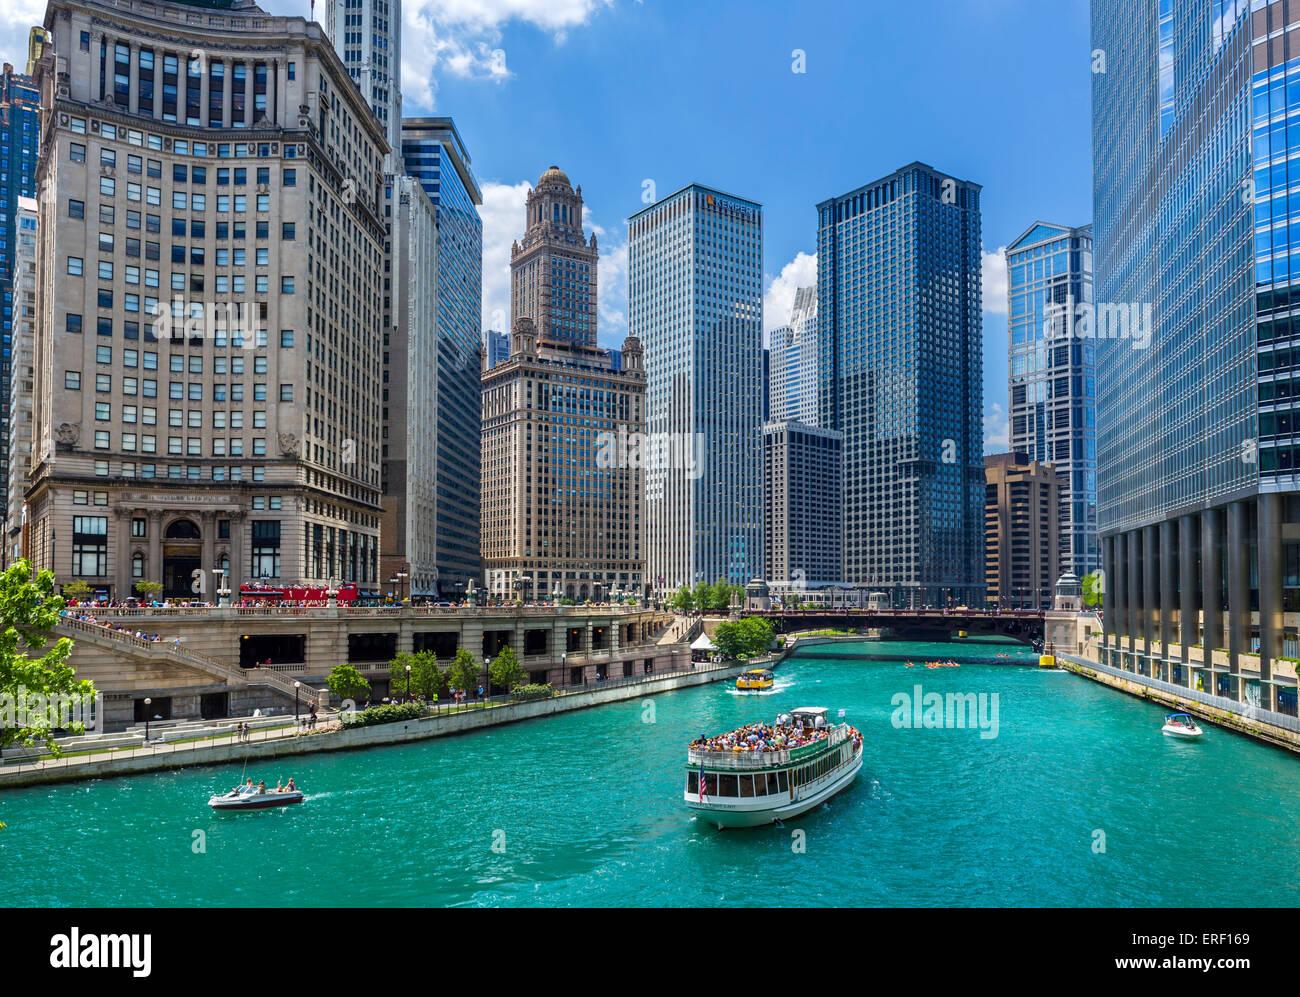 Perfil del centro de la ciudad y crucero en barco por el Río Chicago, cerca del Puente de la Avenida De Michigan, Imagen De Stock